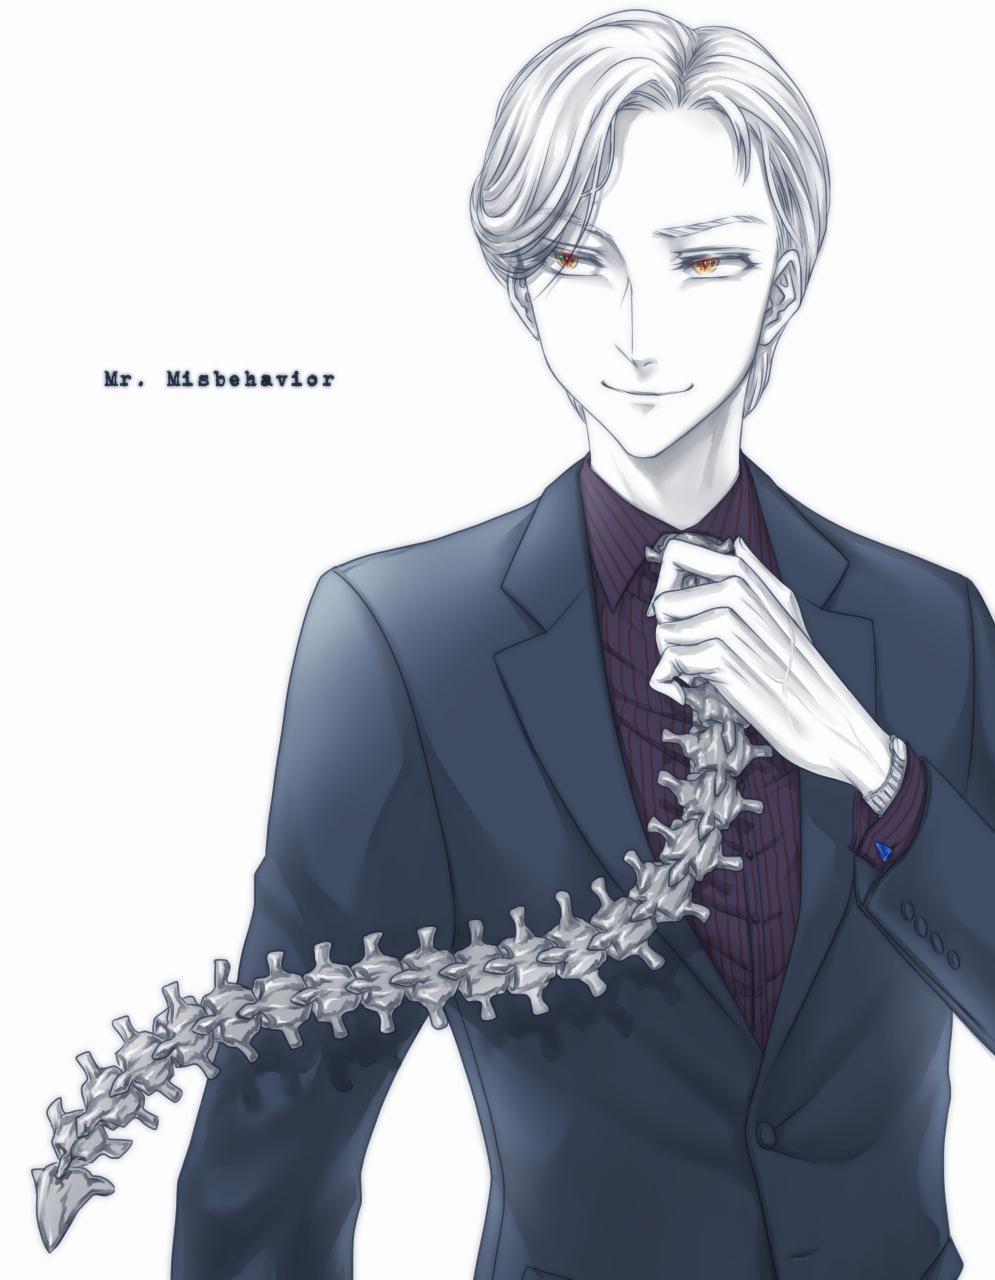 Mr. Misbehavior